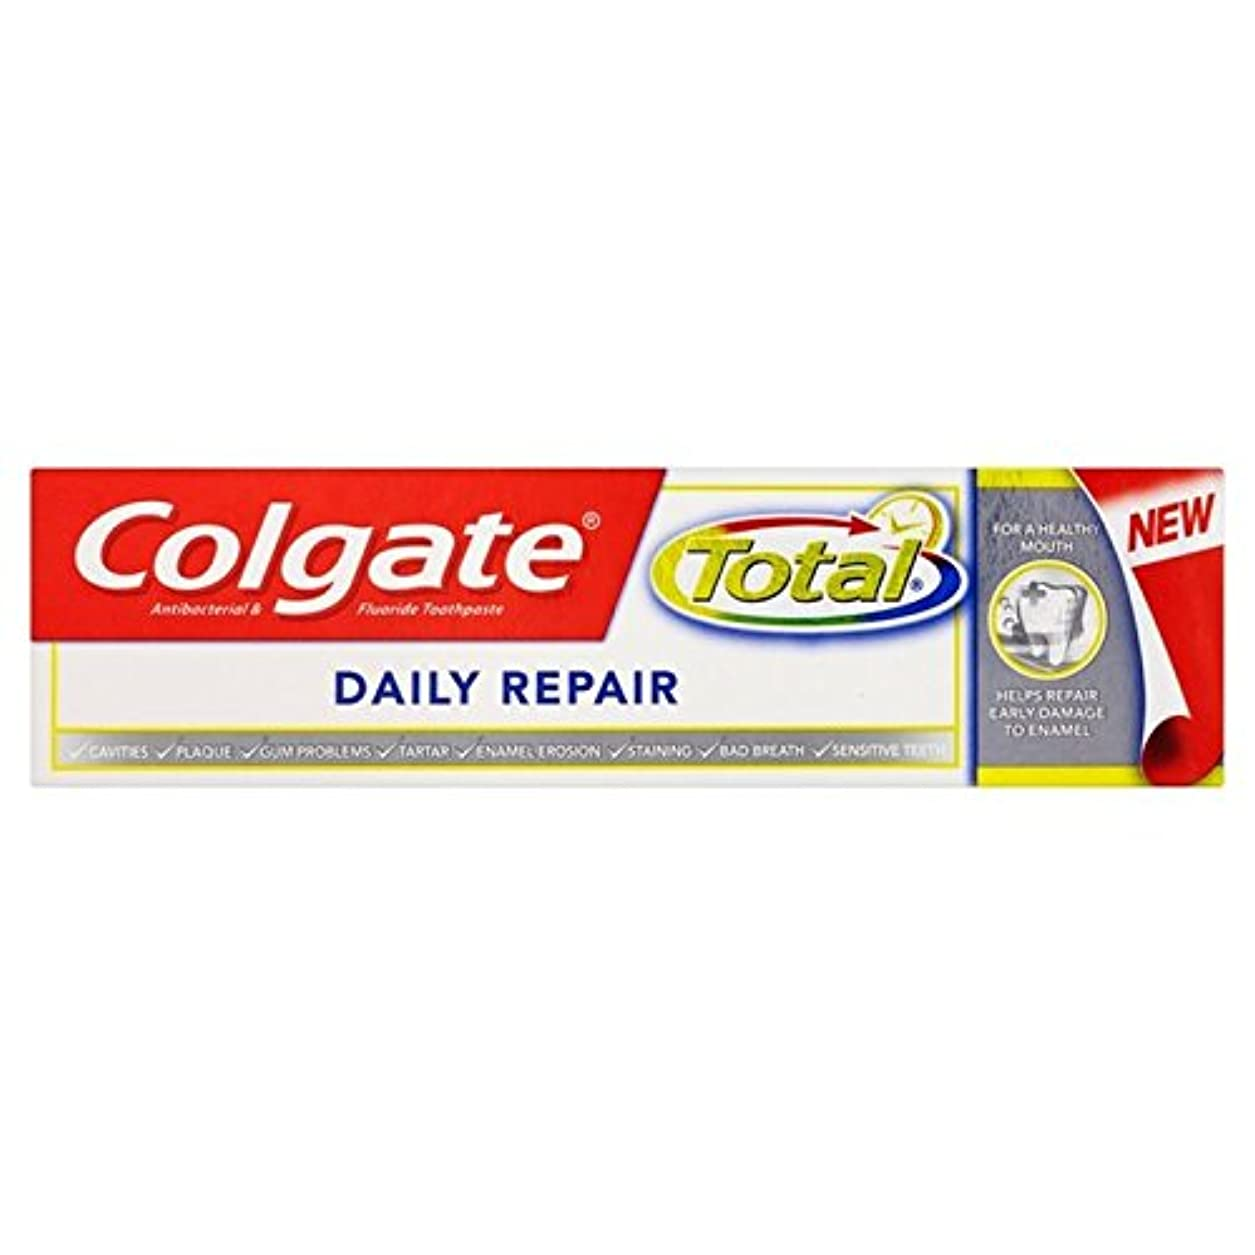 突撃ペパーミント最適コルゲートトータル毎日修理歯磨き粉75ミリリットル x2 - Colgate Total Daily Repair Toothpaste 75ml (Pack of 2) [並行輸入品]